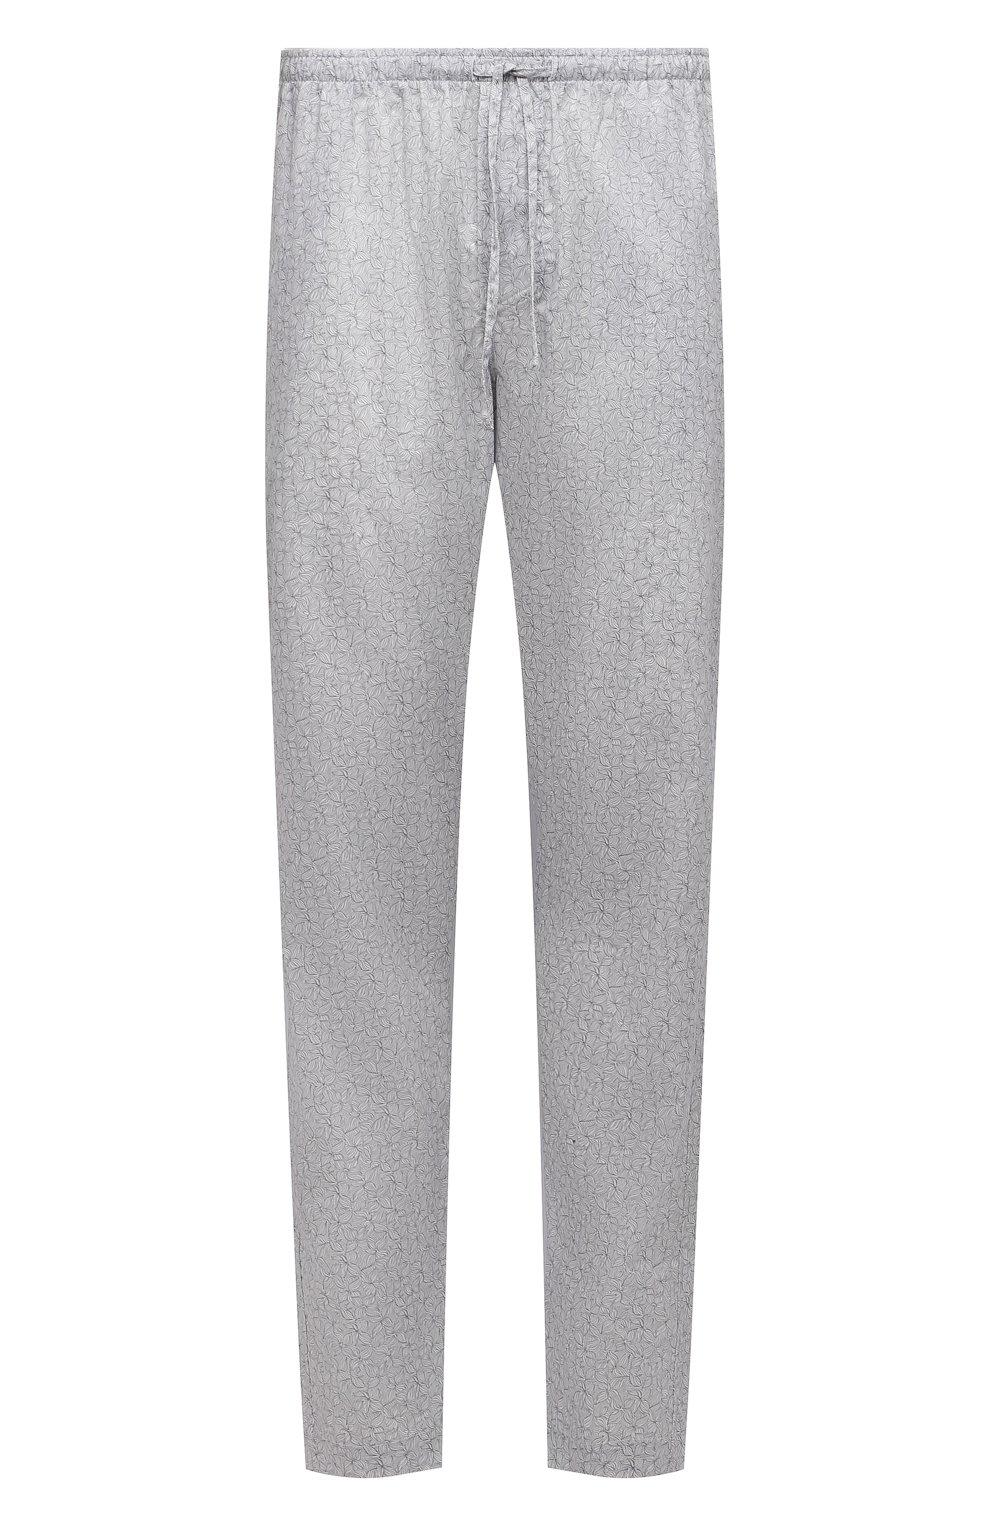 Мужские хлопковые домашние брюки ZIMMERLI светло-серого цвета, арт. 4763-75182 | Фото 1 (Длина (брюки, джинсы): Стандартные; Кросс-КТ: домашняя одежда; Мужское Кросс-КТ: Брюки-белье; Материал внешний: Хлопок)